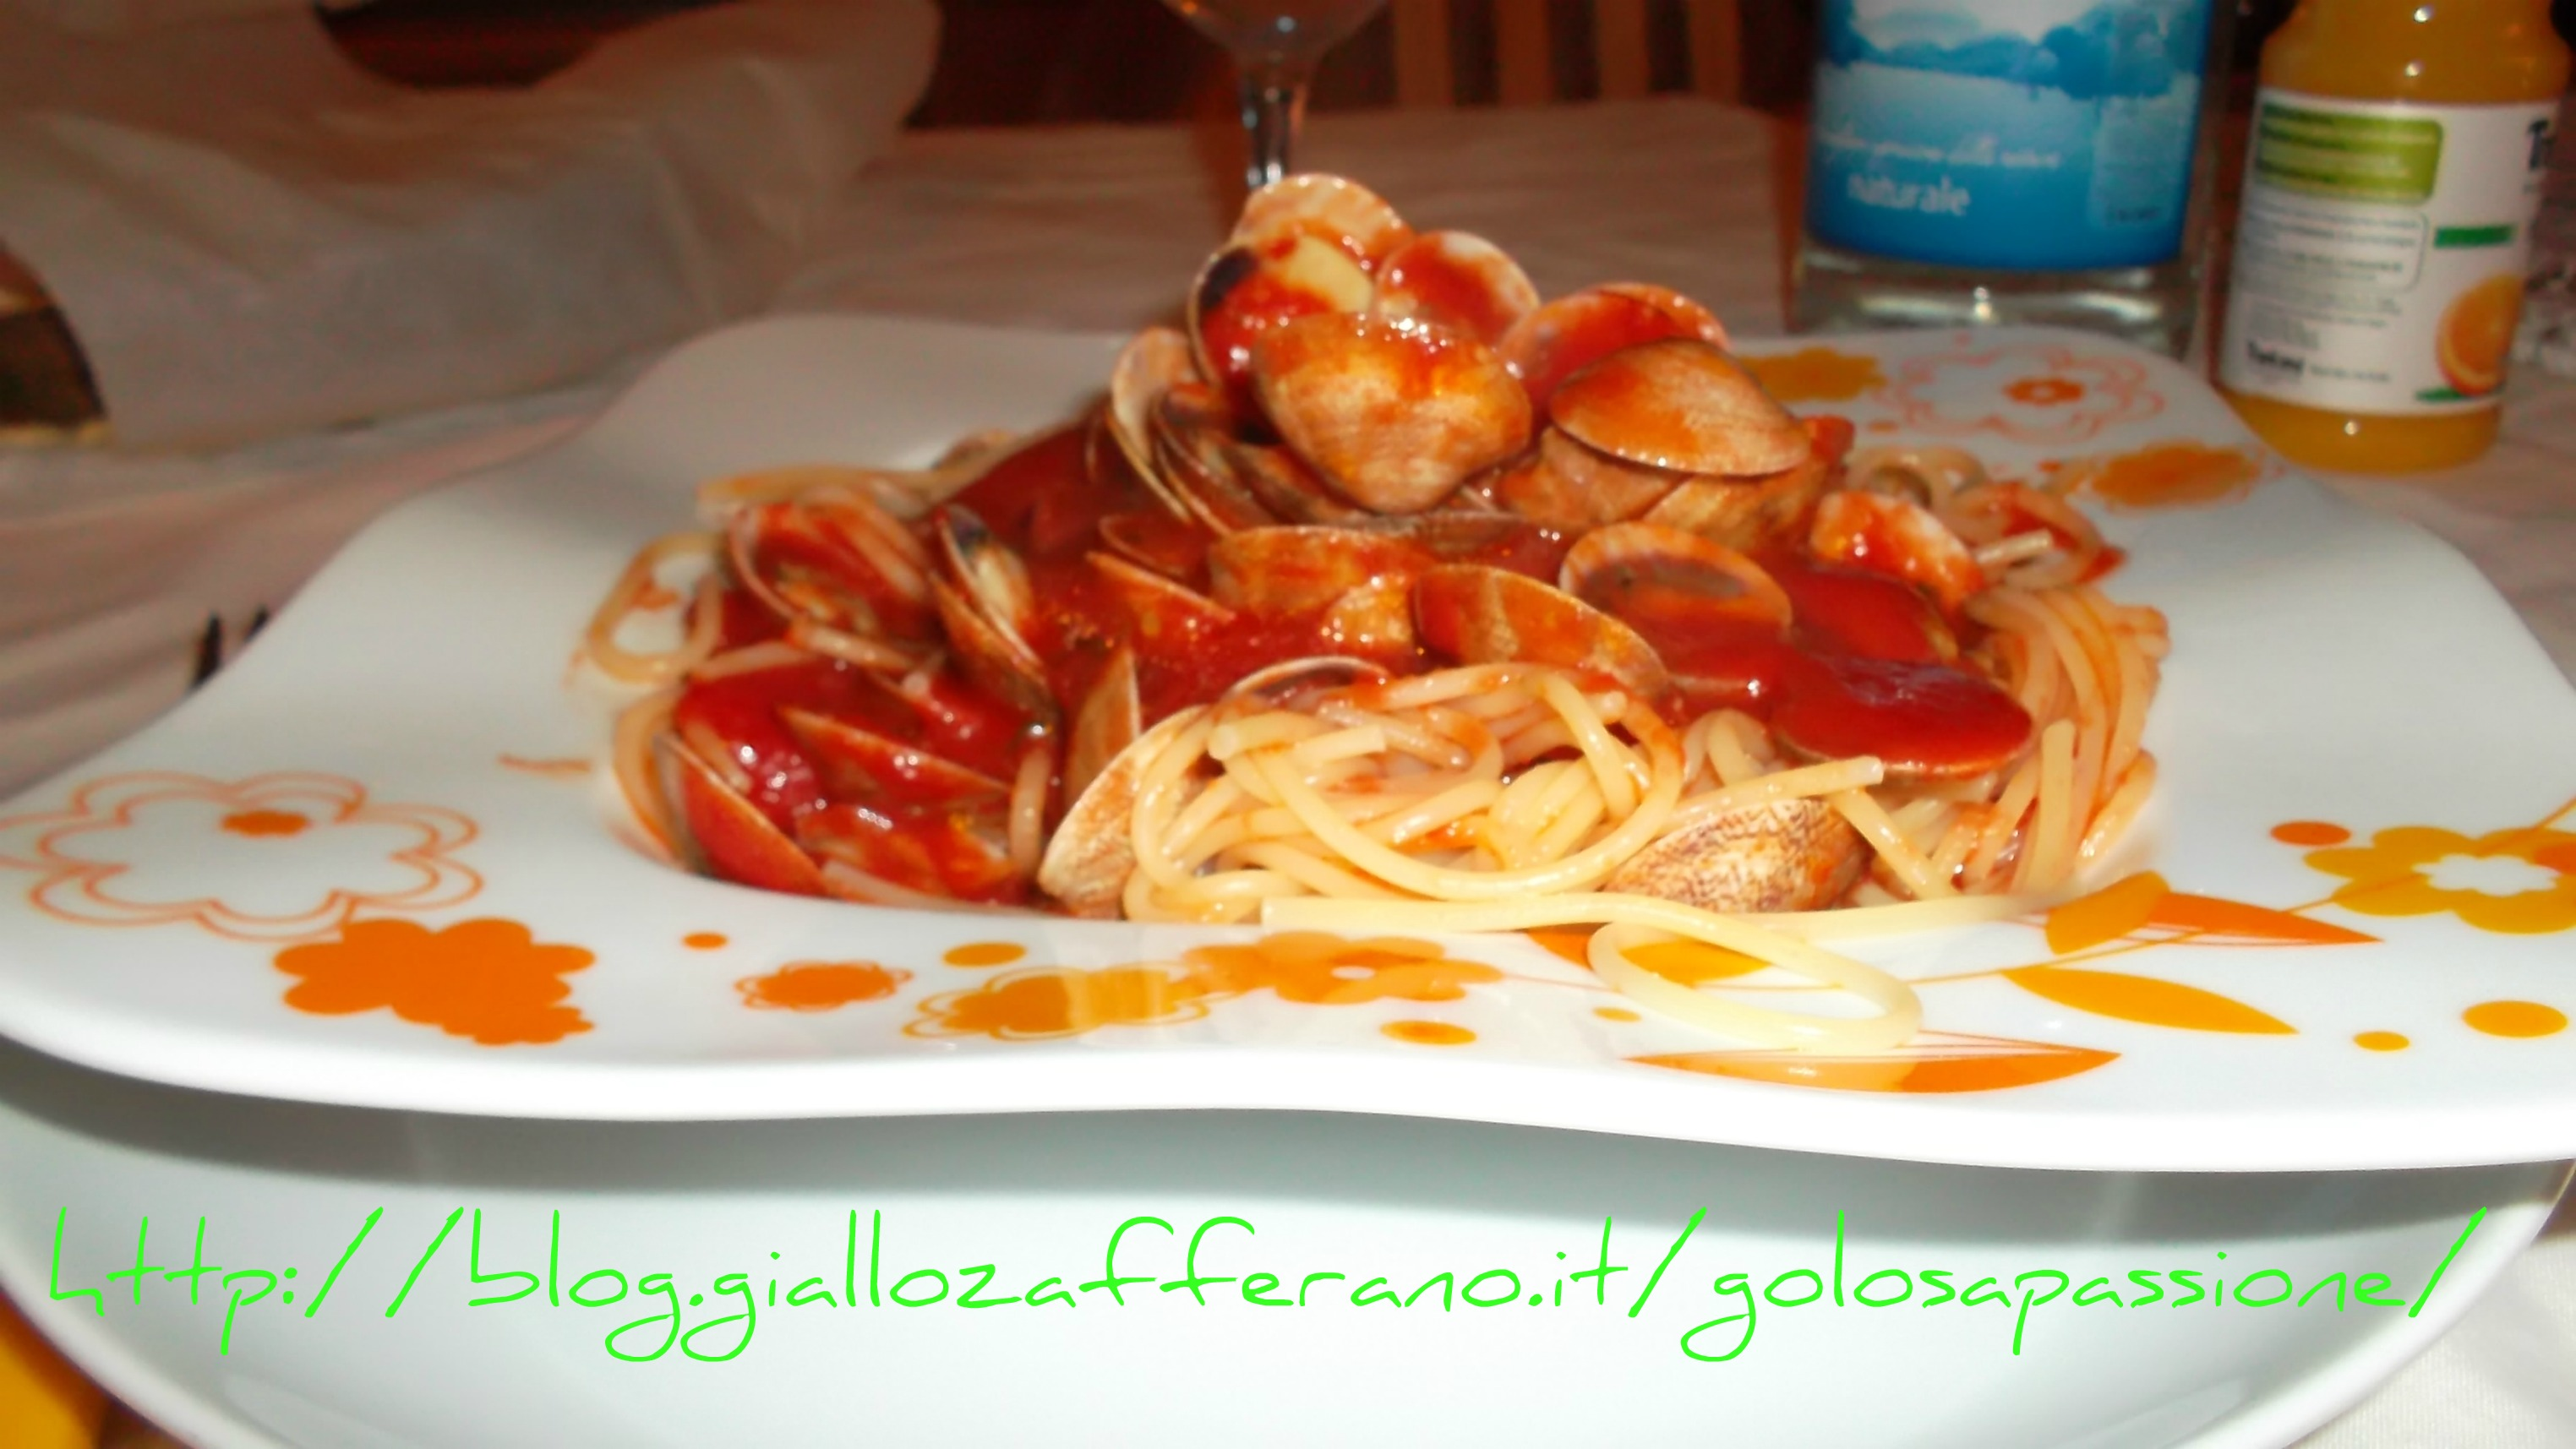 Spaghetti con vongole, ricetta primi piatti, ricetta primi piatti con pesce, ricetta dal blog Lo Specchio In Cucina